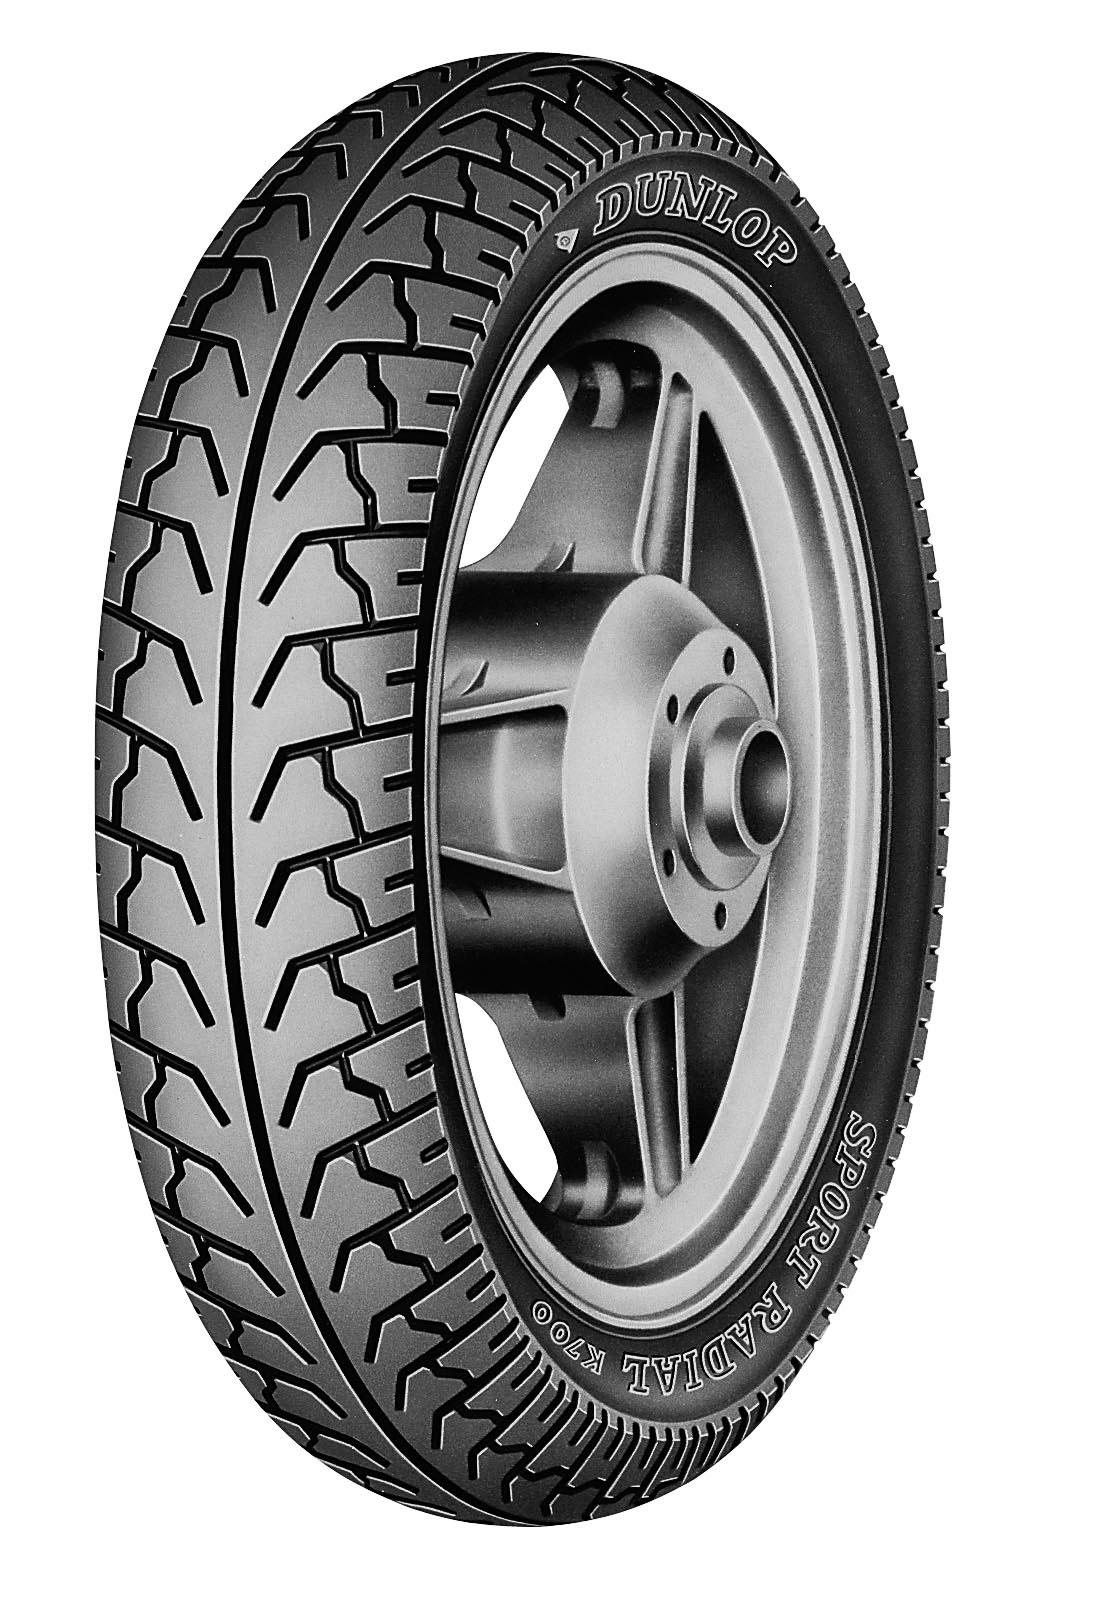 Dunlop K700G Tire